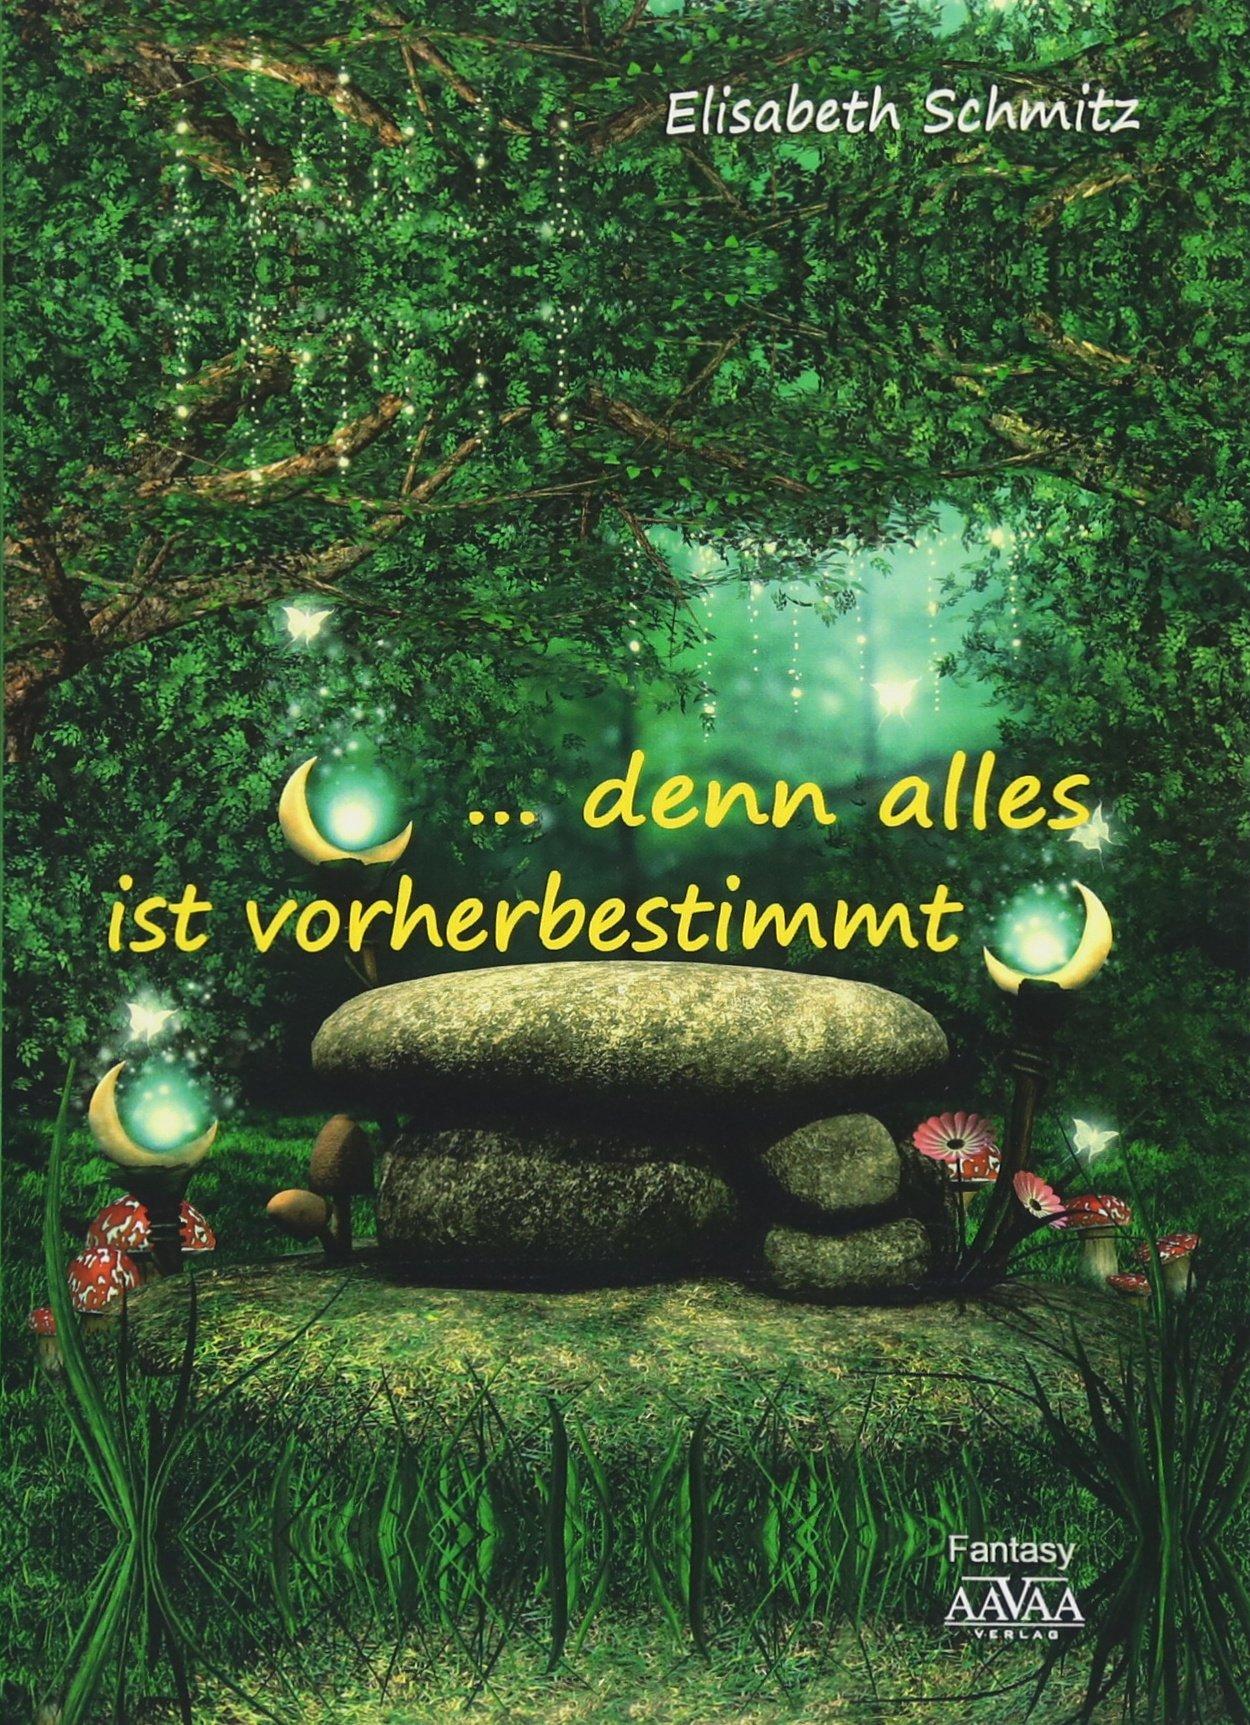 ... denn alles ist vorherbestimmt Taschenbuch – 1. April 2018 Elisabeth Schmitz AAVAA Verlag 3845925981 Esoterik / Roman